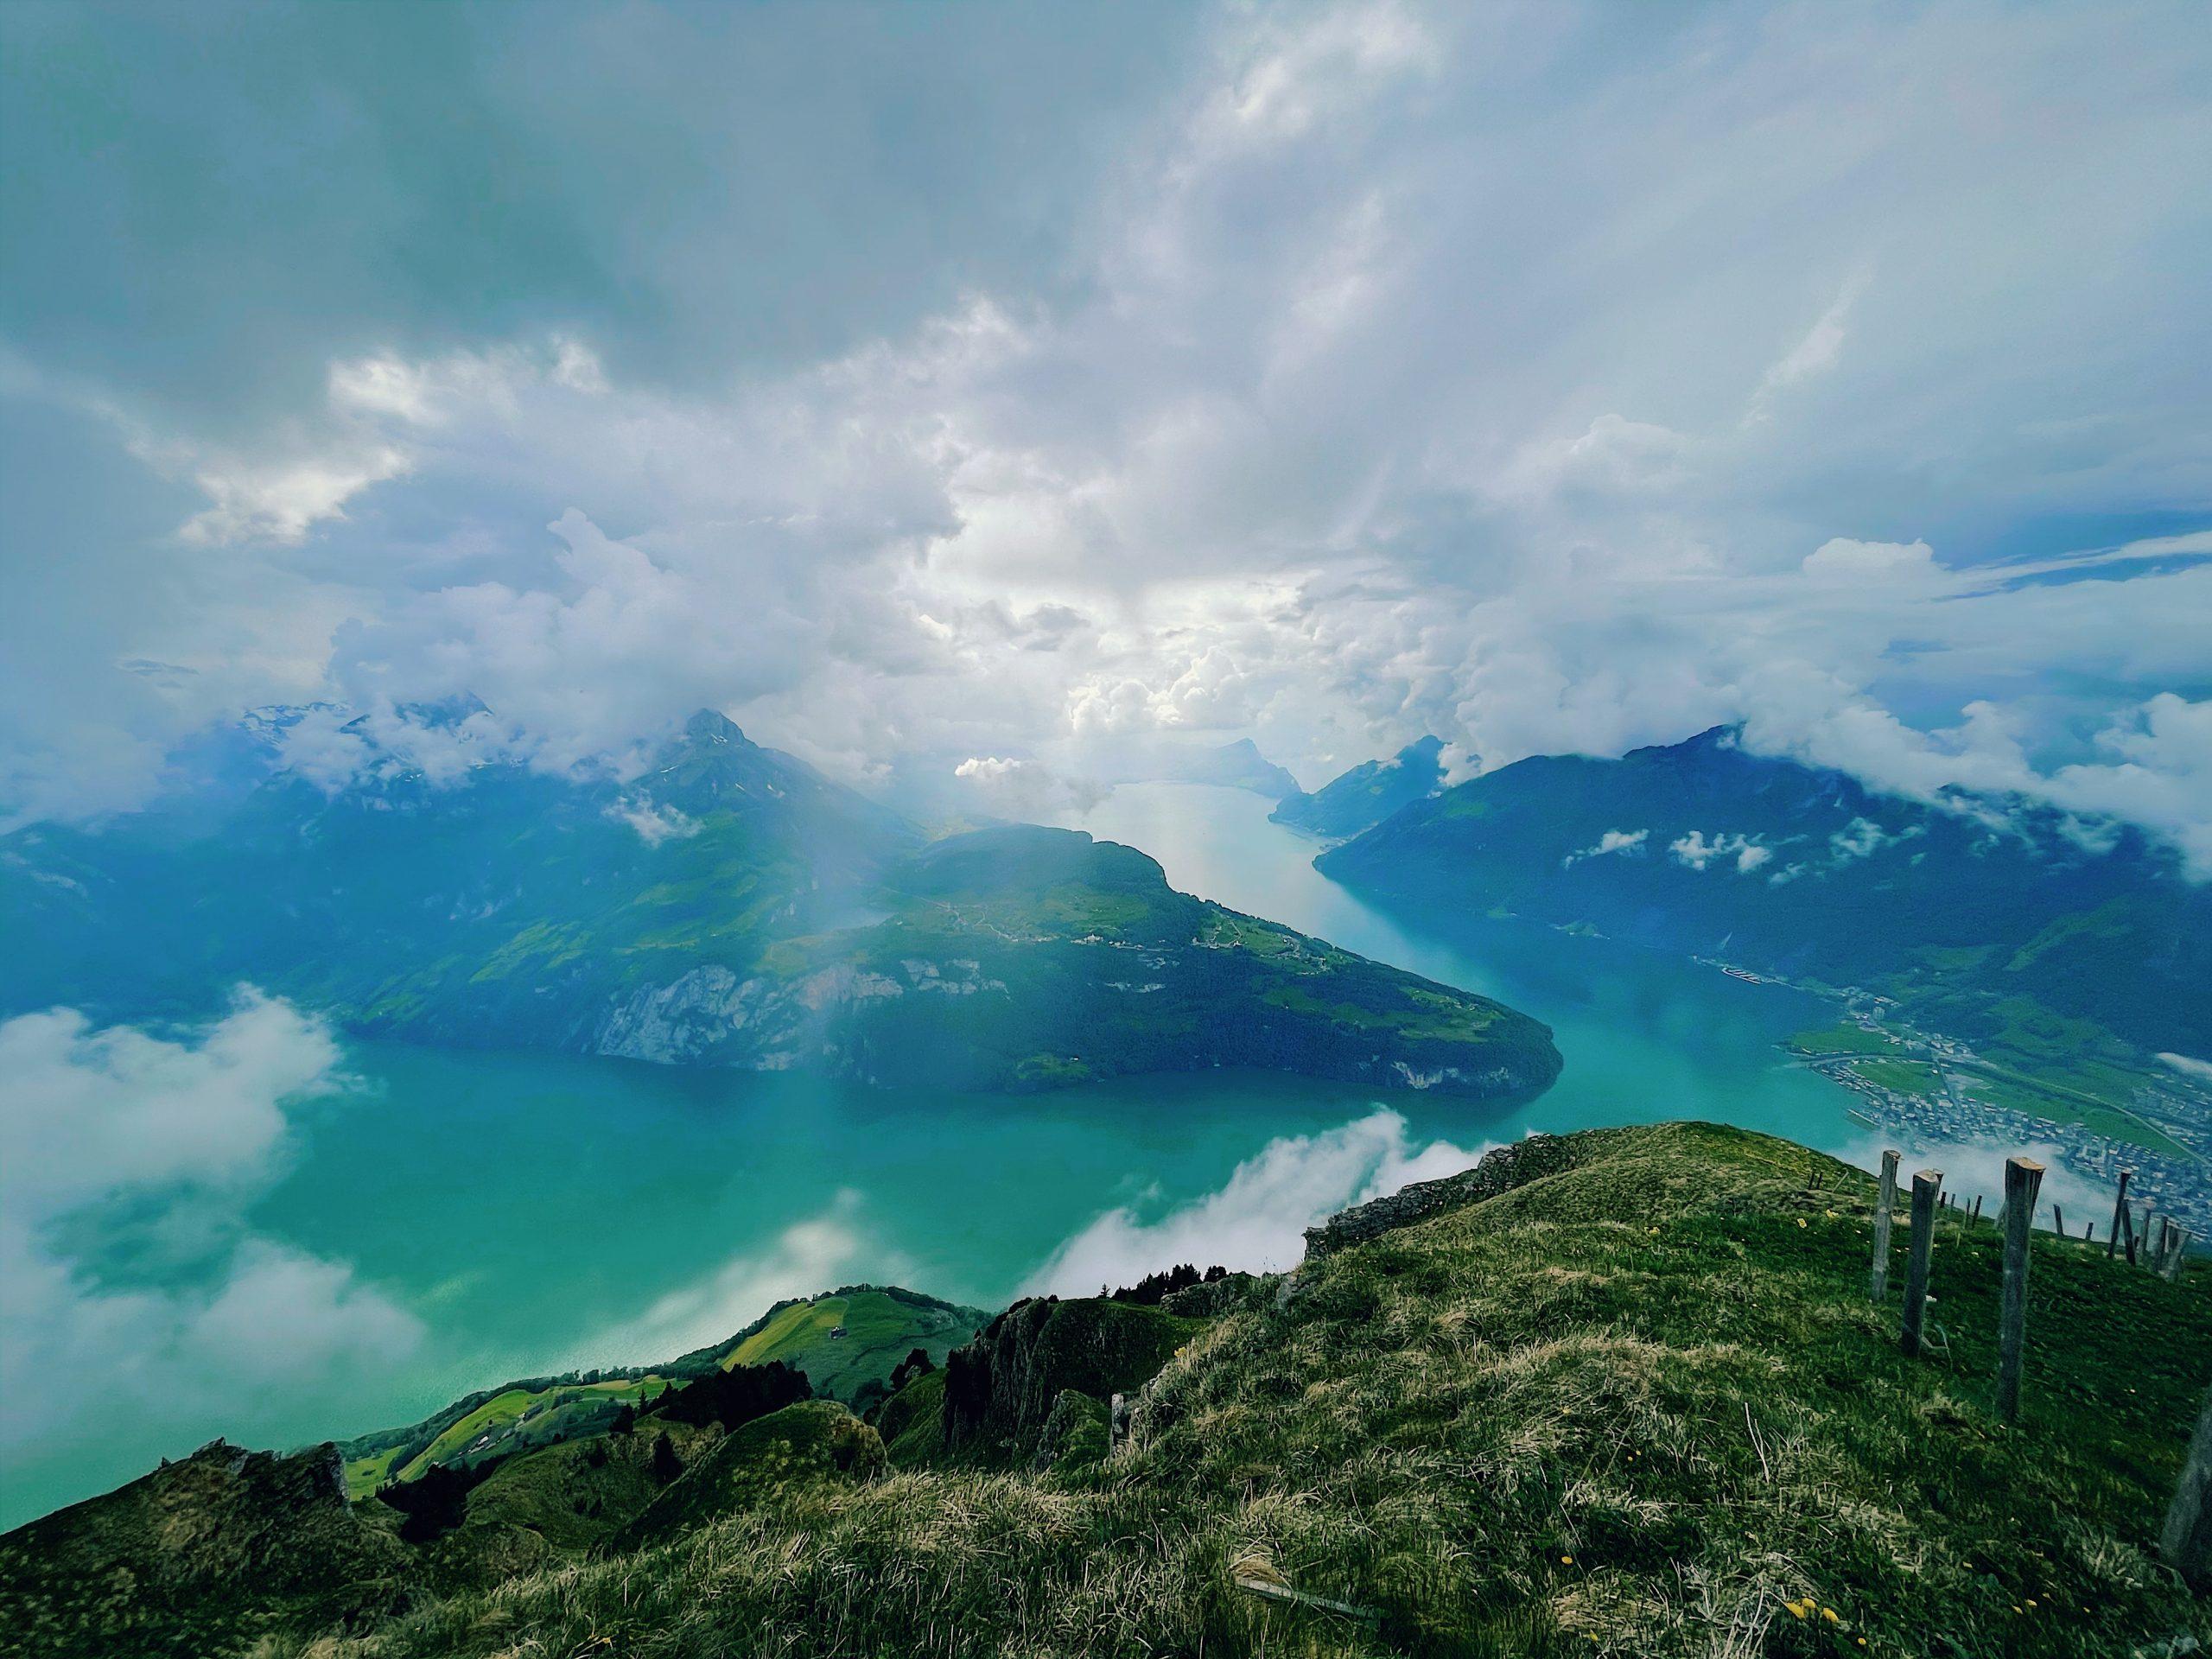 IMG_6625-scaled Schweiz Road Trip mit dem 100% elektrischen ID.3 - Planung, Route & meine Erfahrung